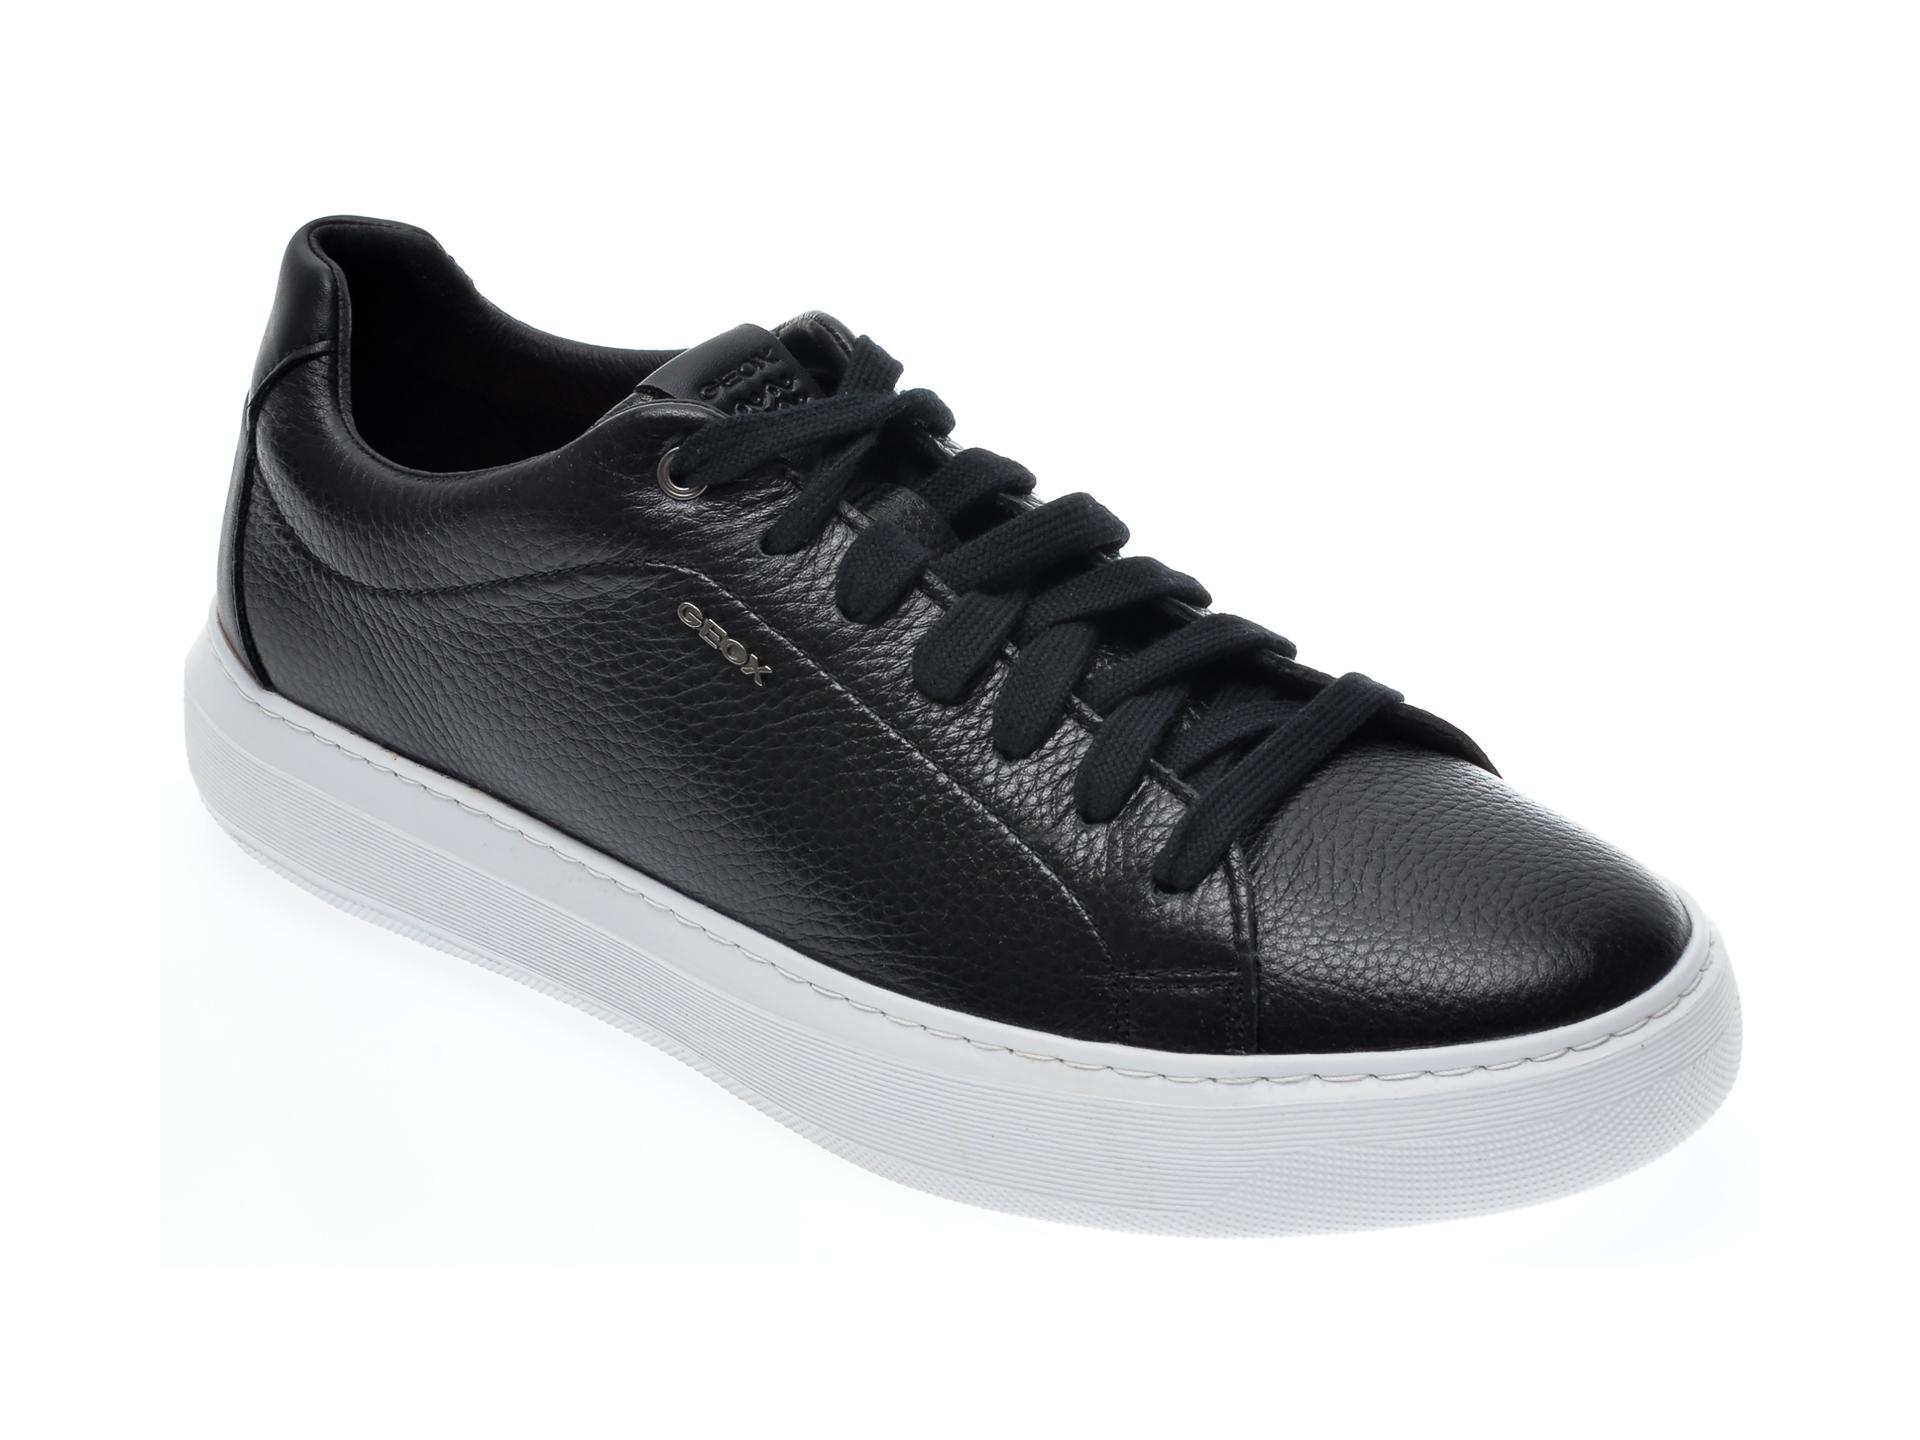 Pantofi GEOX negri, U845WB, din piele naturala imagine